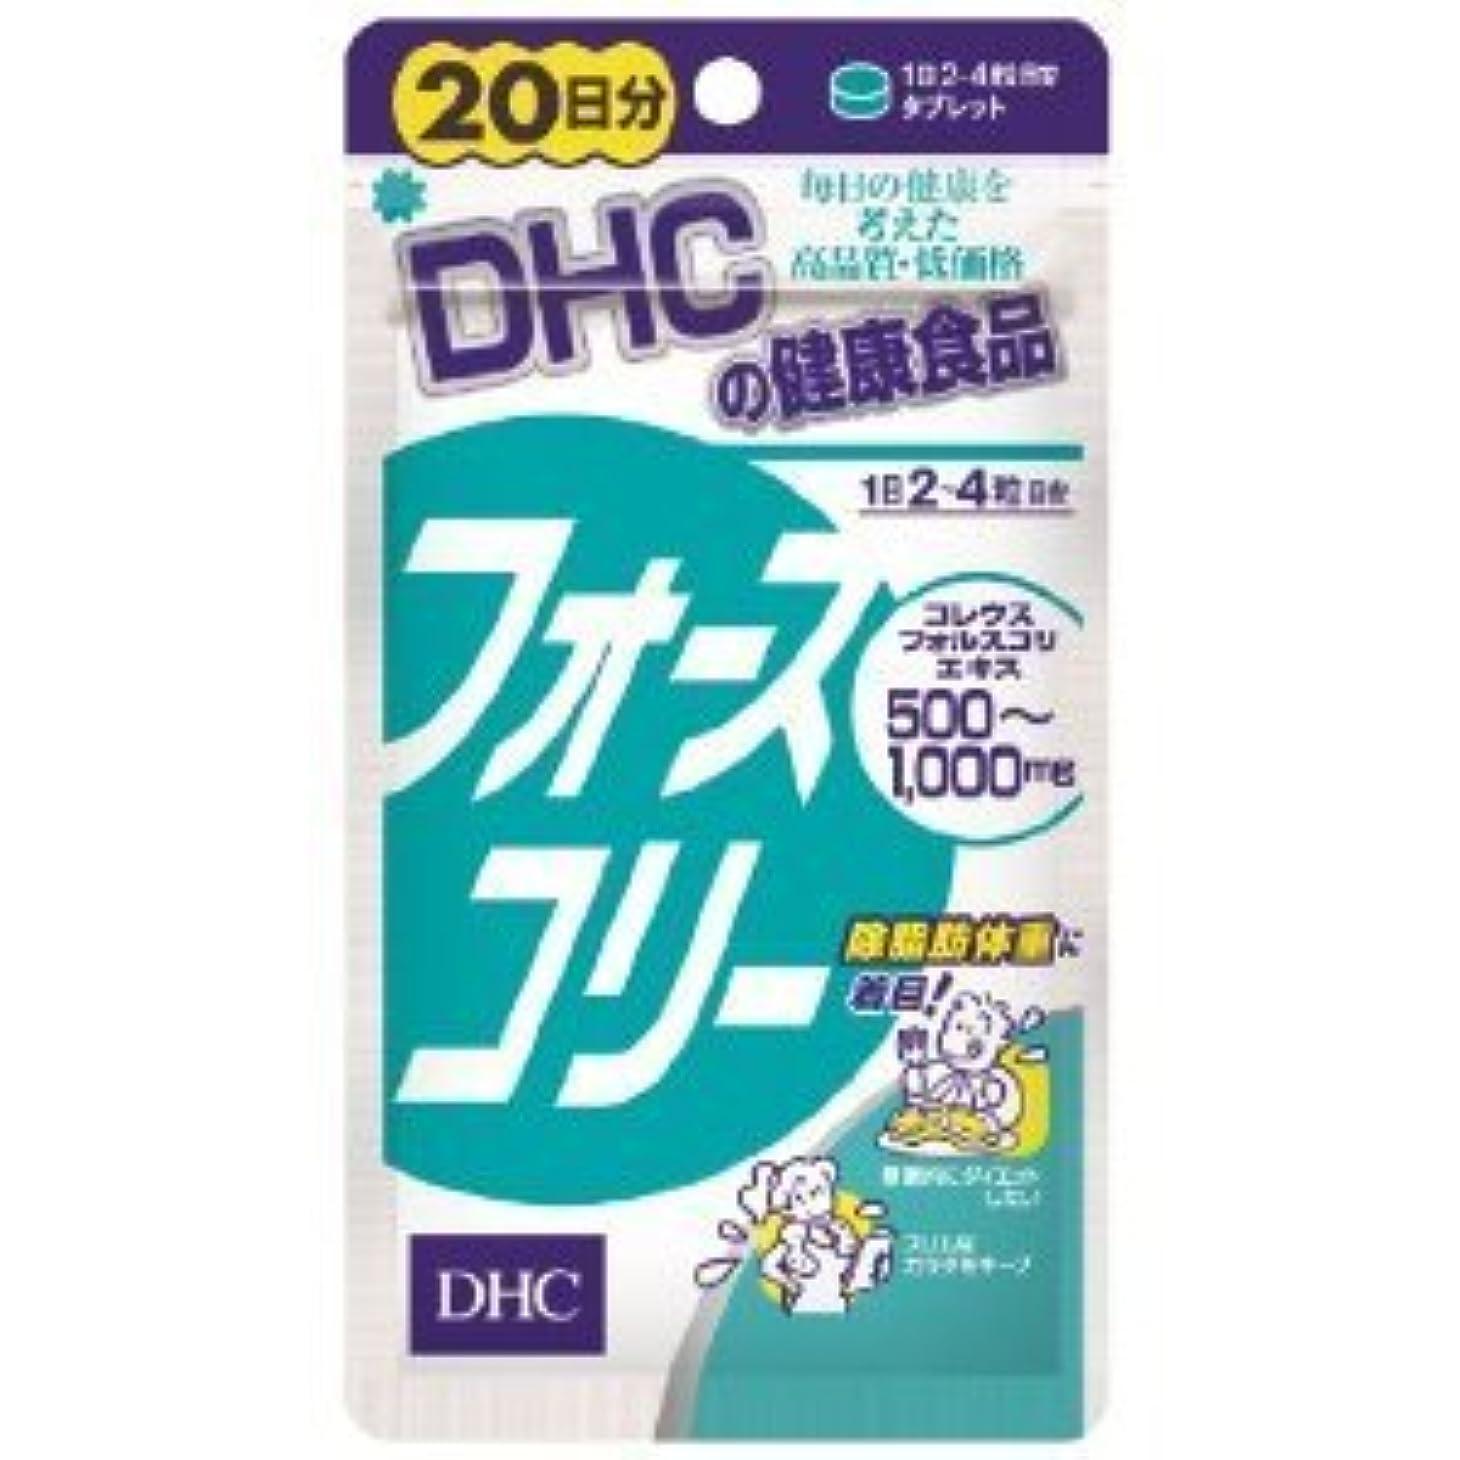 保安リスク実行DHC フォースコリー 80粒 20日分 賞味期限 201604